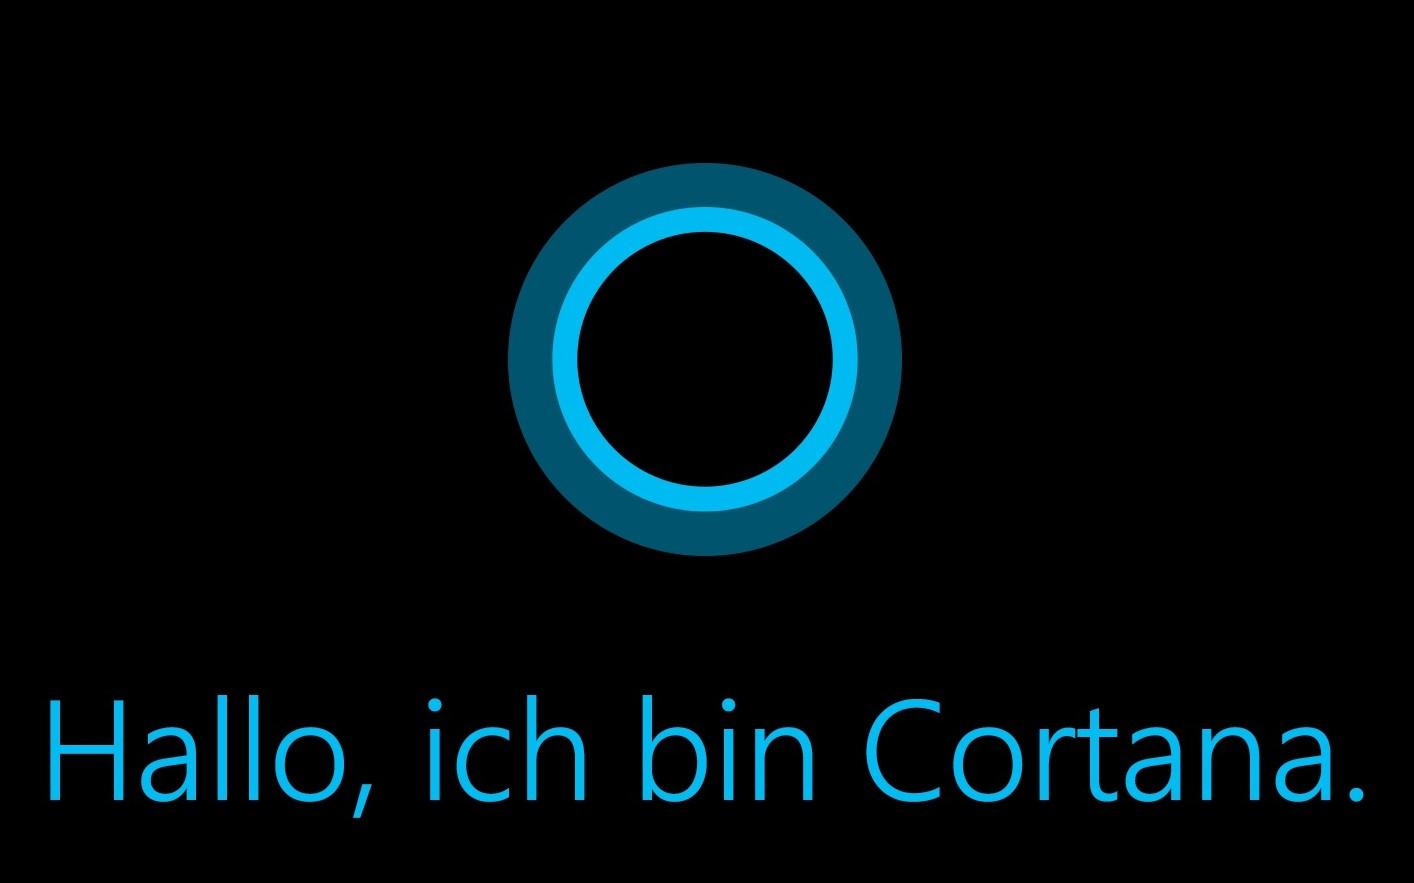 Cortana für Microsoft Phone ist wie Google Now mit KI ausgestattet